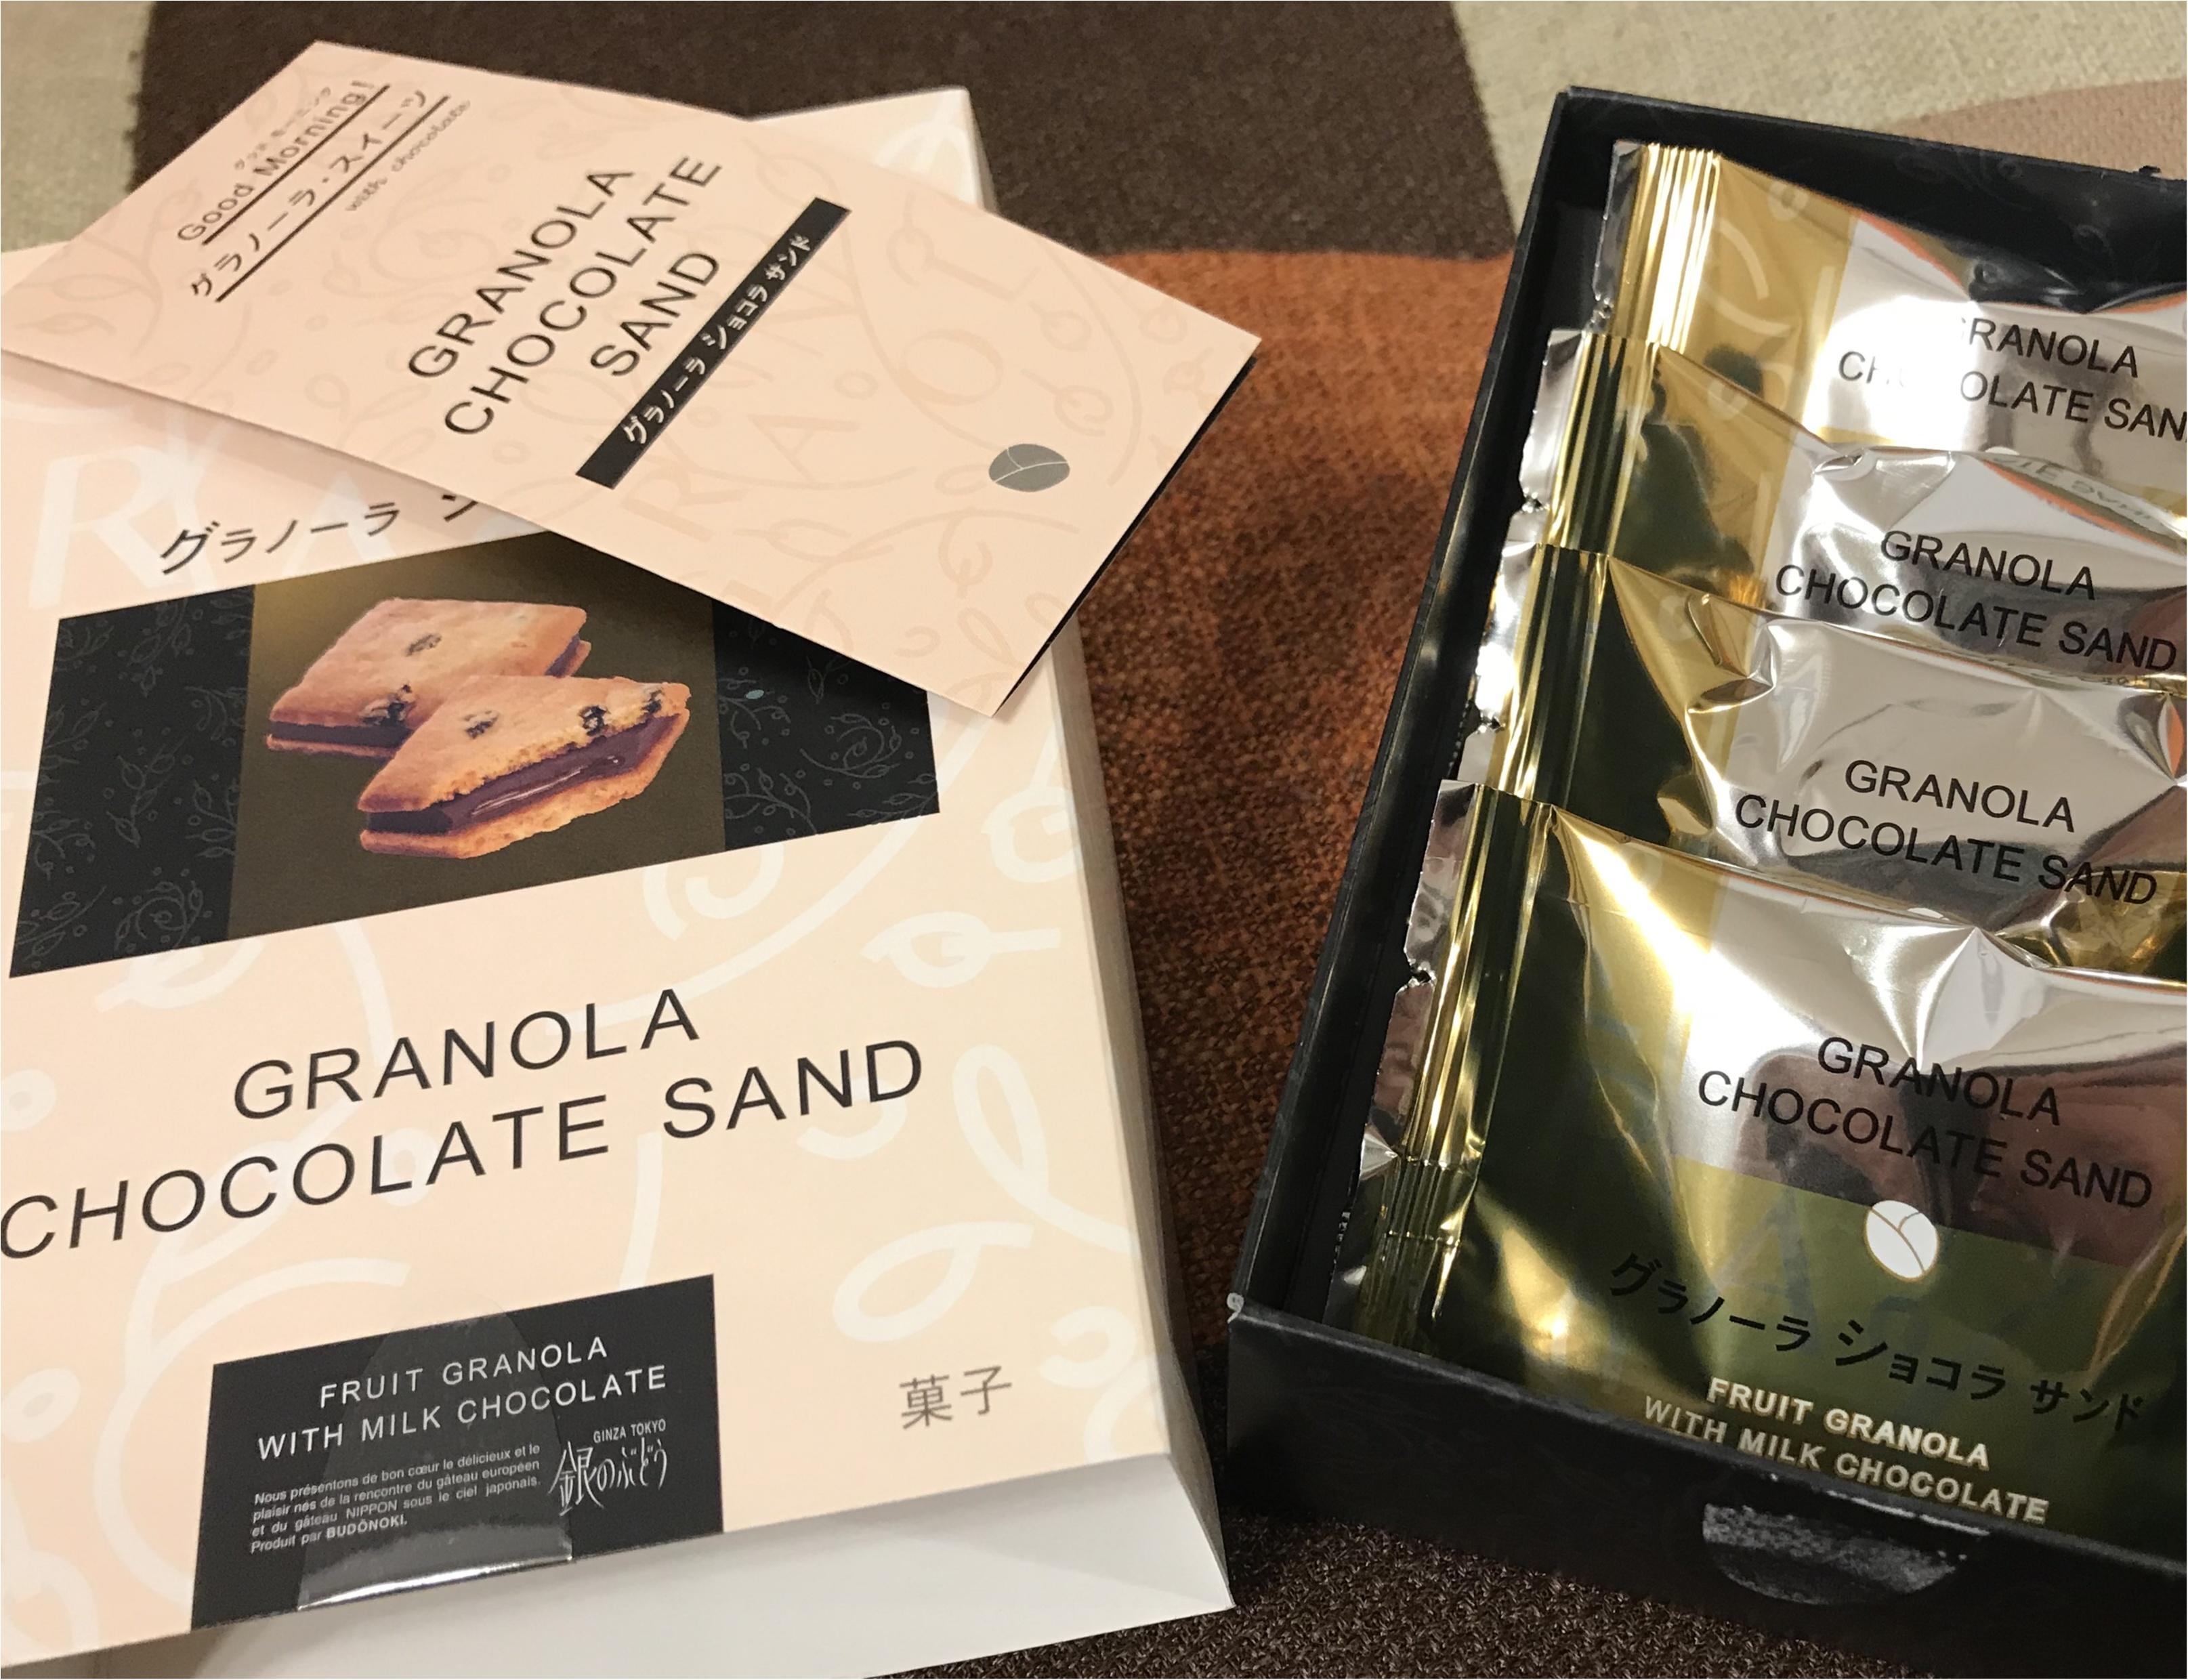 【最新】東京土産のオススメはこれ! 東京駅でしか買えない♡ あの有名菓子店が新しく発売したお菓子♡_1